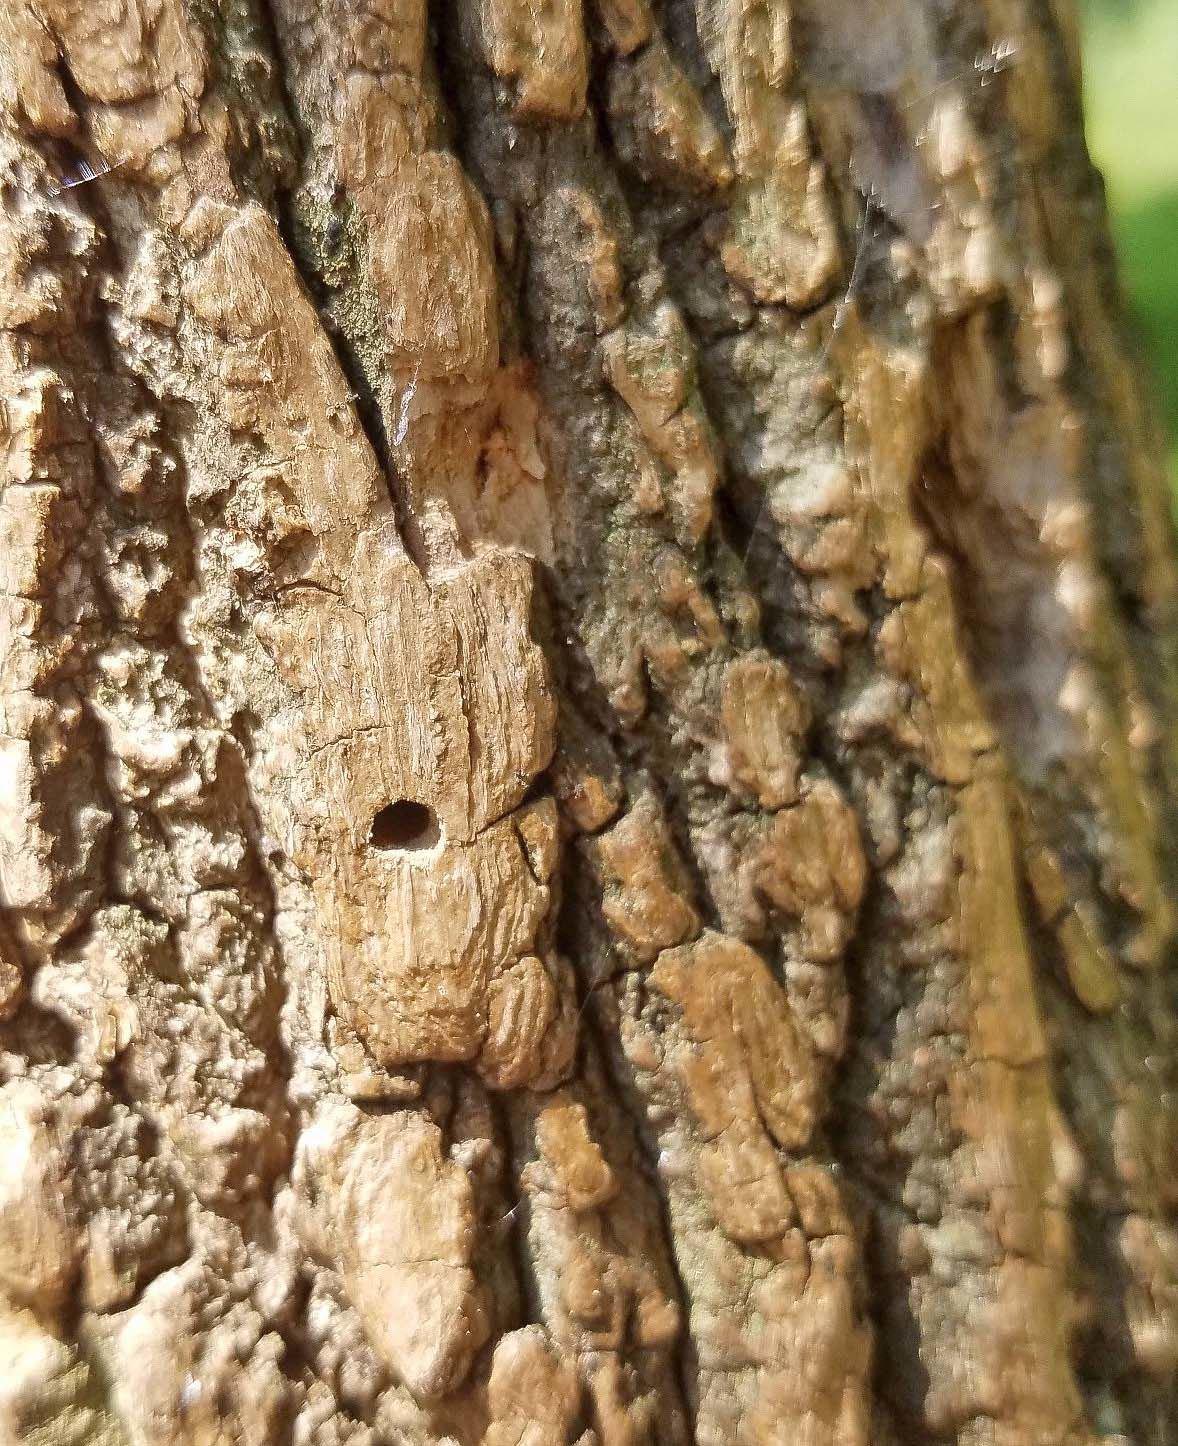 Ash borer hole